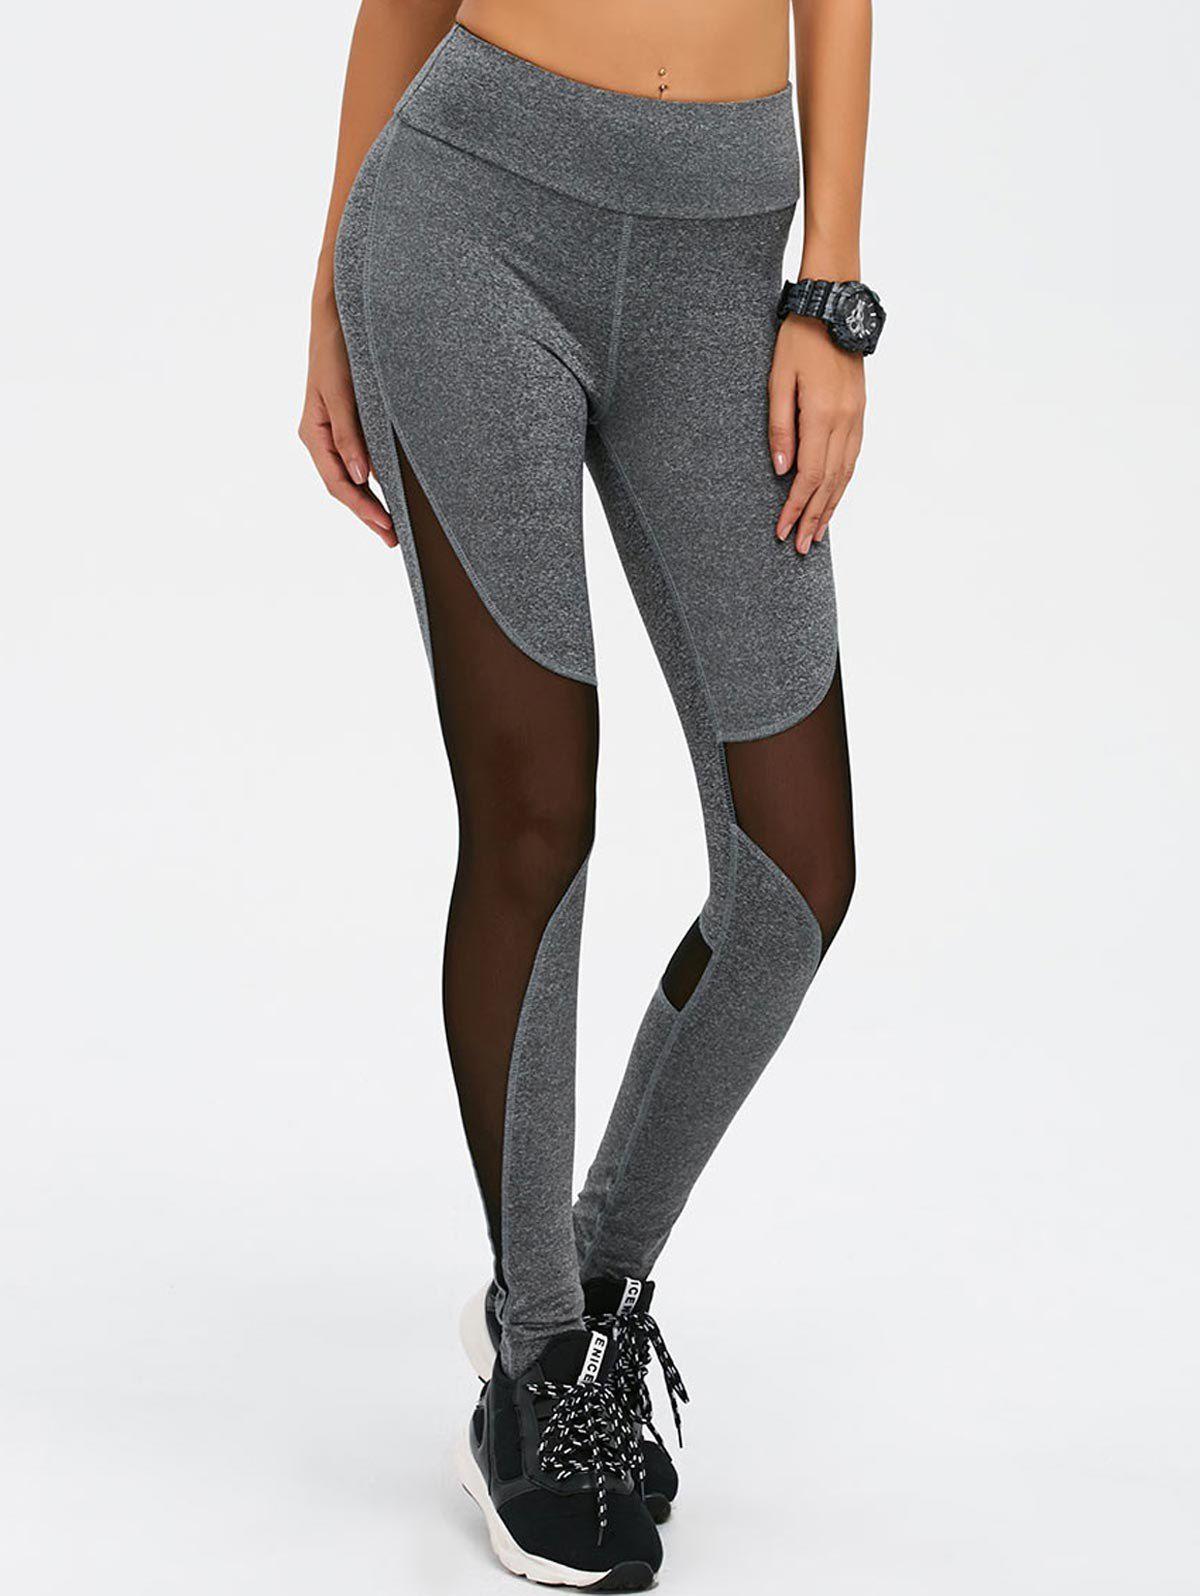 f3939babf9 Chic Elastic Waist Bodycon Batman Print Leggings For Women. $13.96 for Mesh  Spliced High Waist Skinny Yoga Leggings GRAY: Active Bottoms | ZAFUL